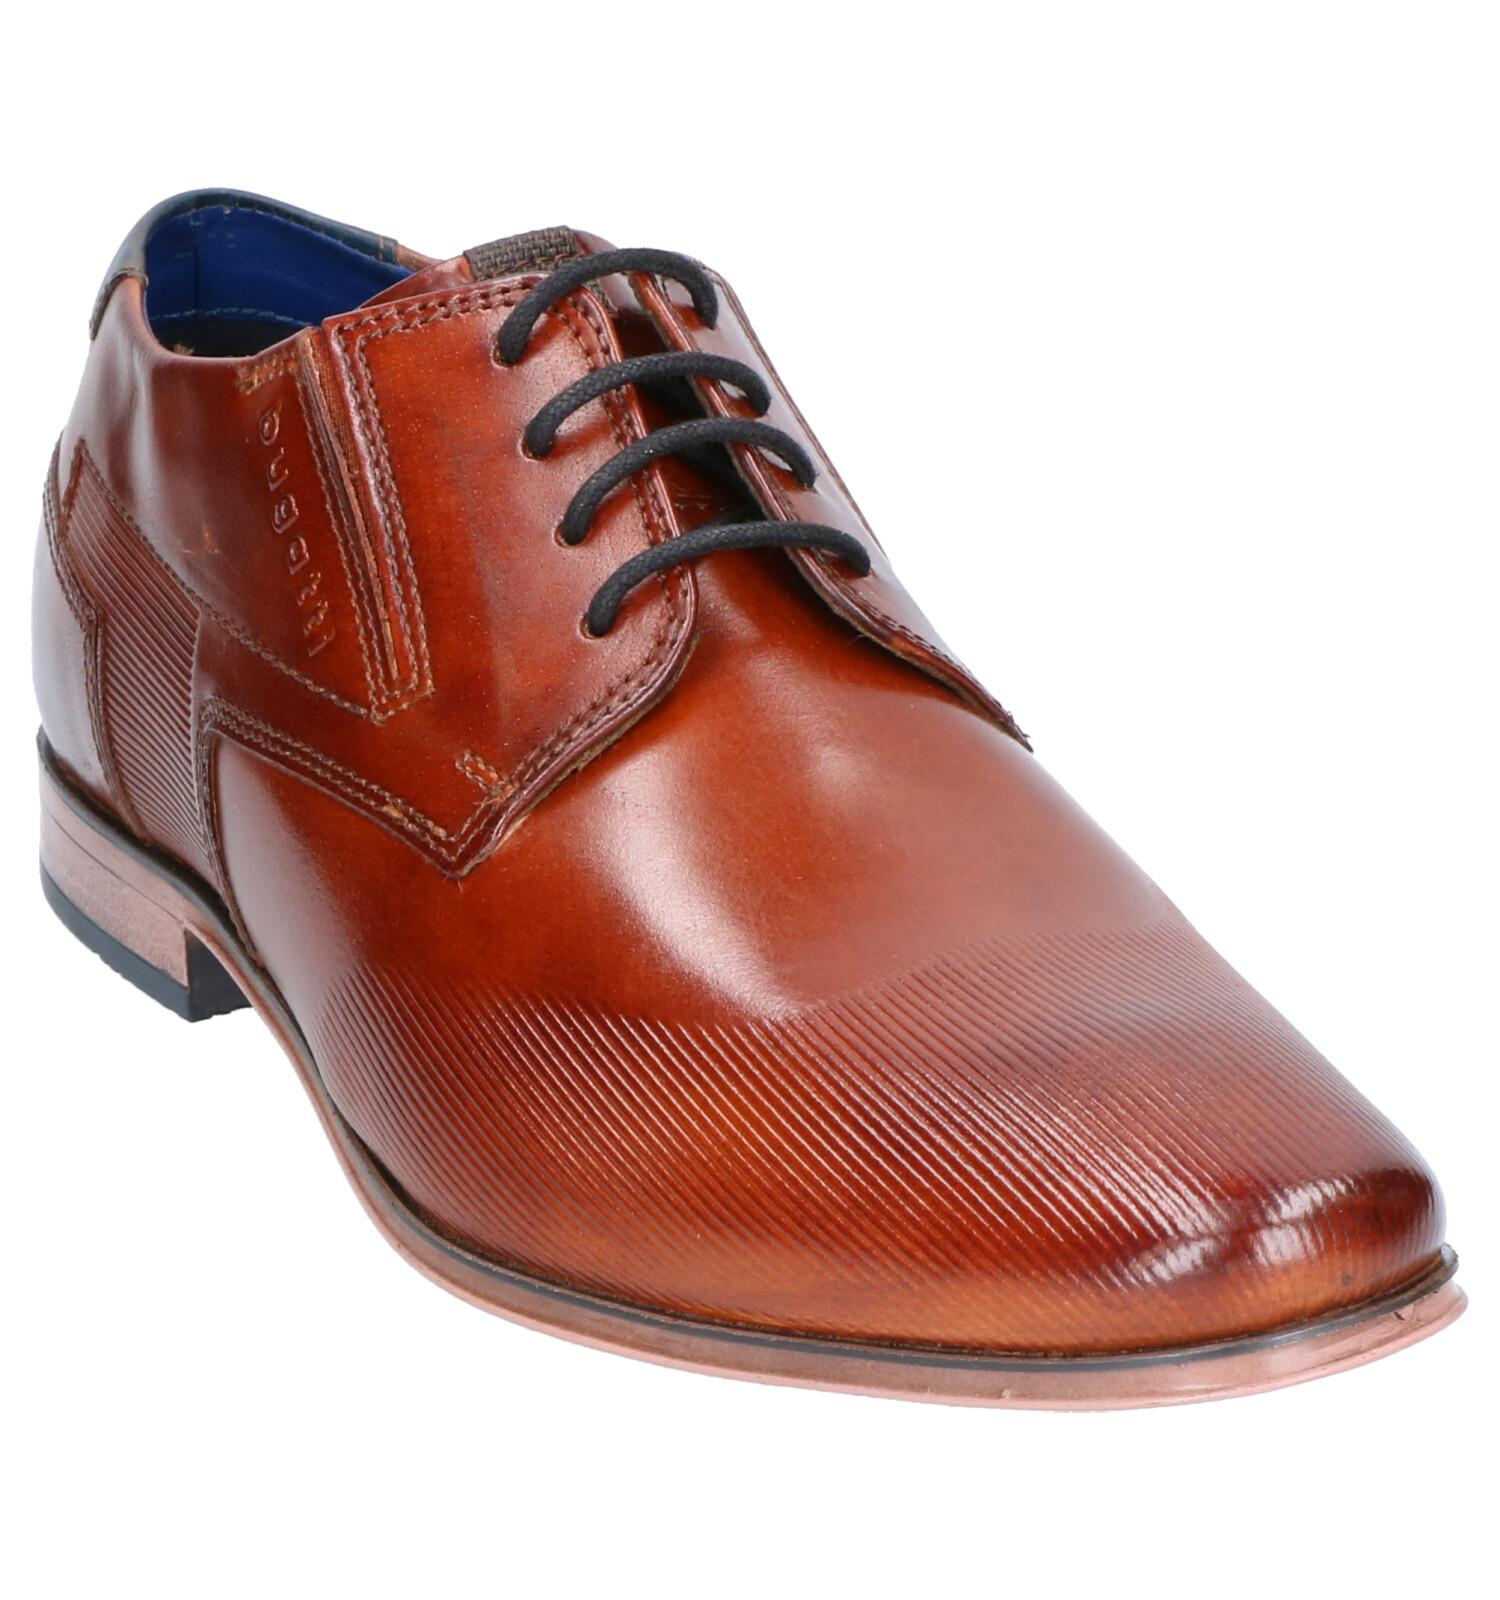 be Bugatti Livraison Et HabilléescognacTorfs Chaussures QtshBordxC